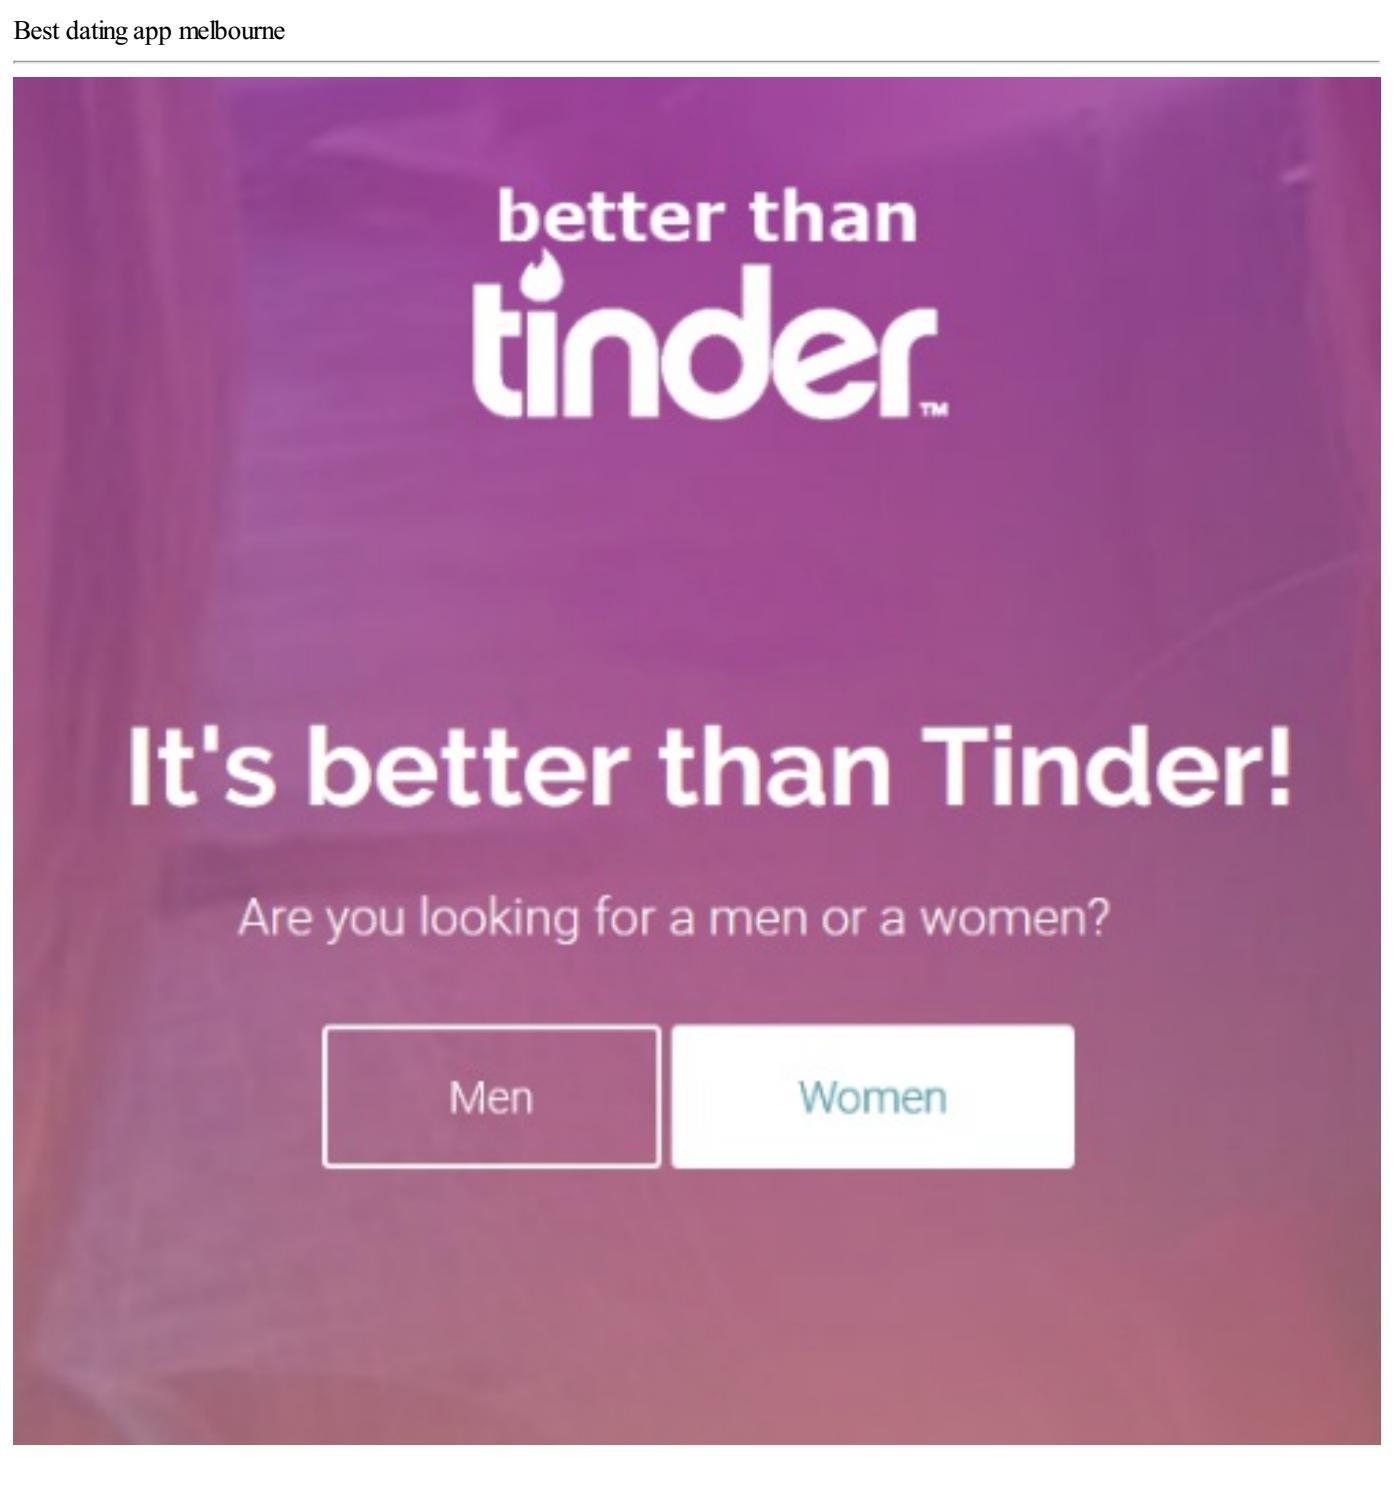 beste dating apps Melbourne 22 dating en 38 år gammel